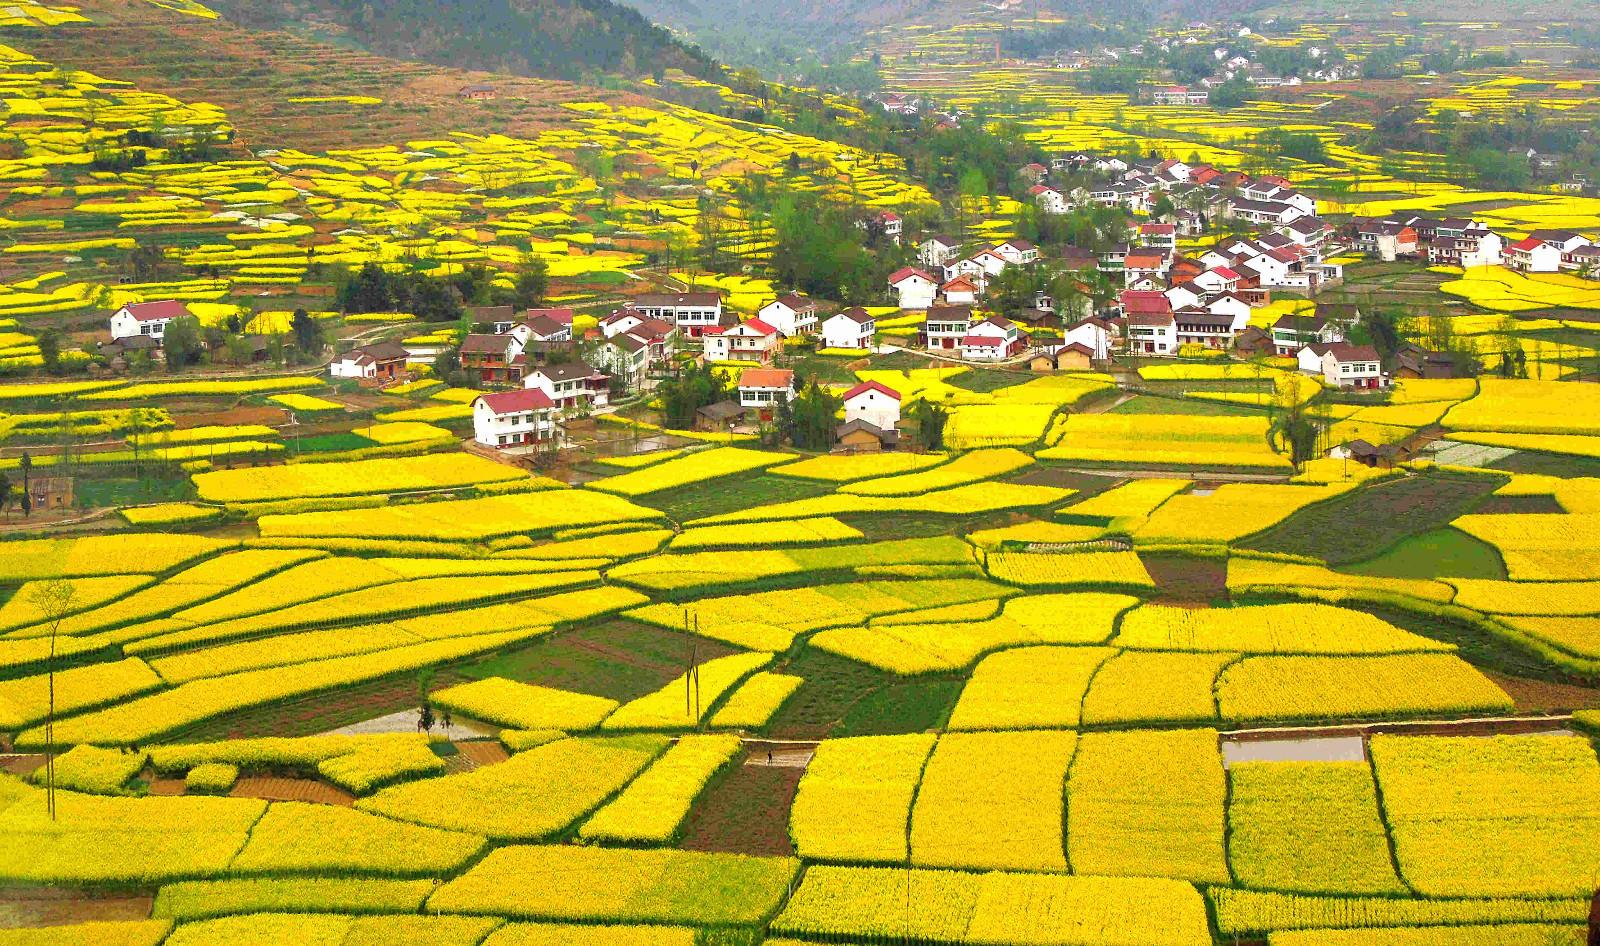 相约花海汉中 情醉汉人老家 ——2019中国最美油菜花海汉中旅游文化节即将开幕